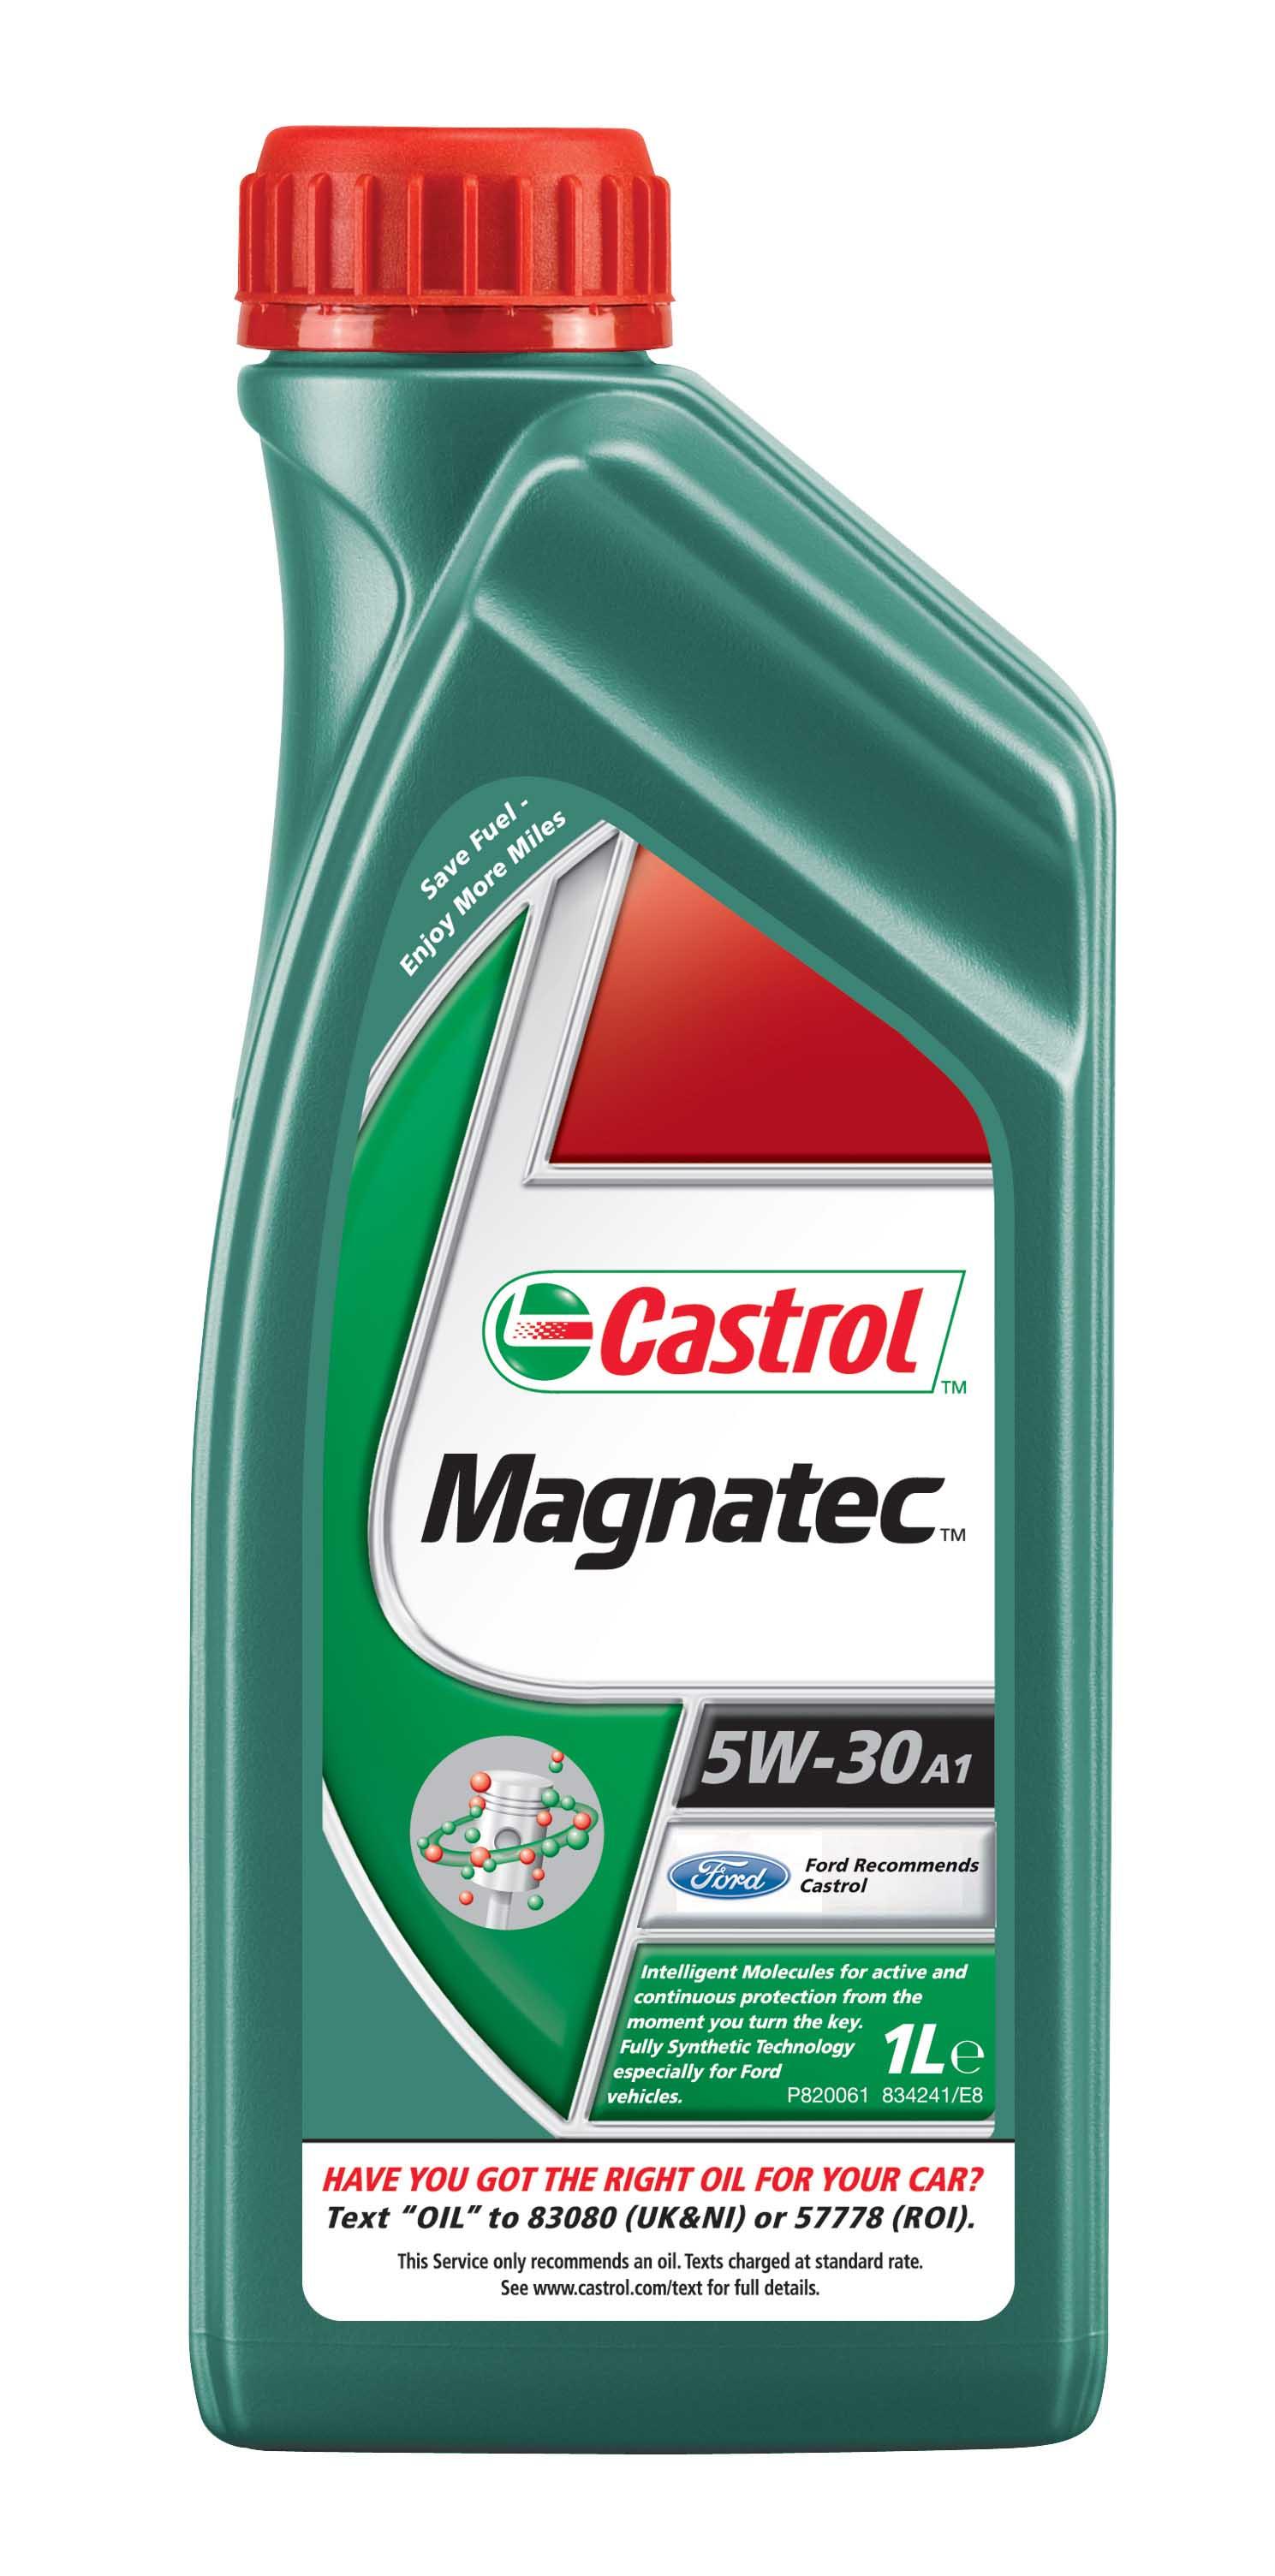 castrol magnetic 5w 30 motor engine oil cold start 1 litre. Black Bedroom Furniture Sets. Home Design Ideas